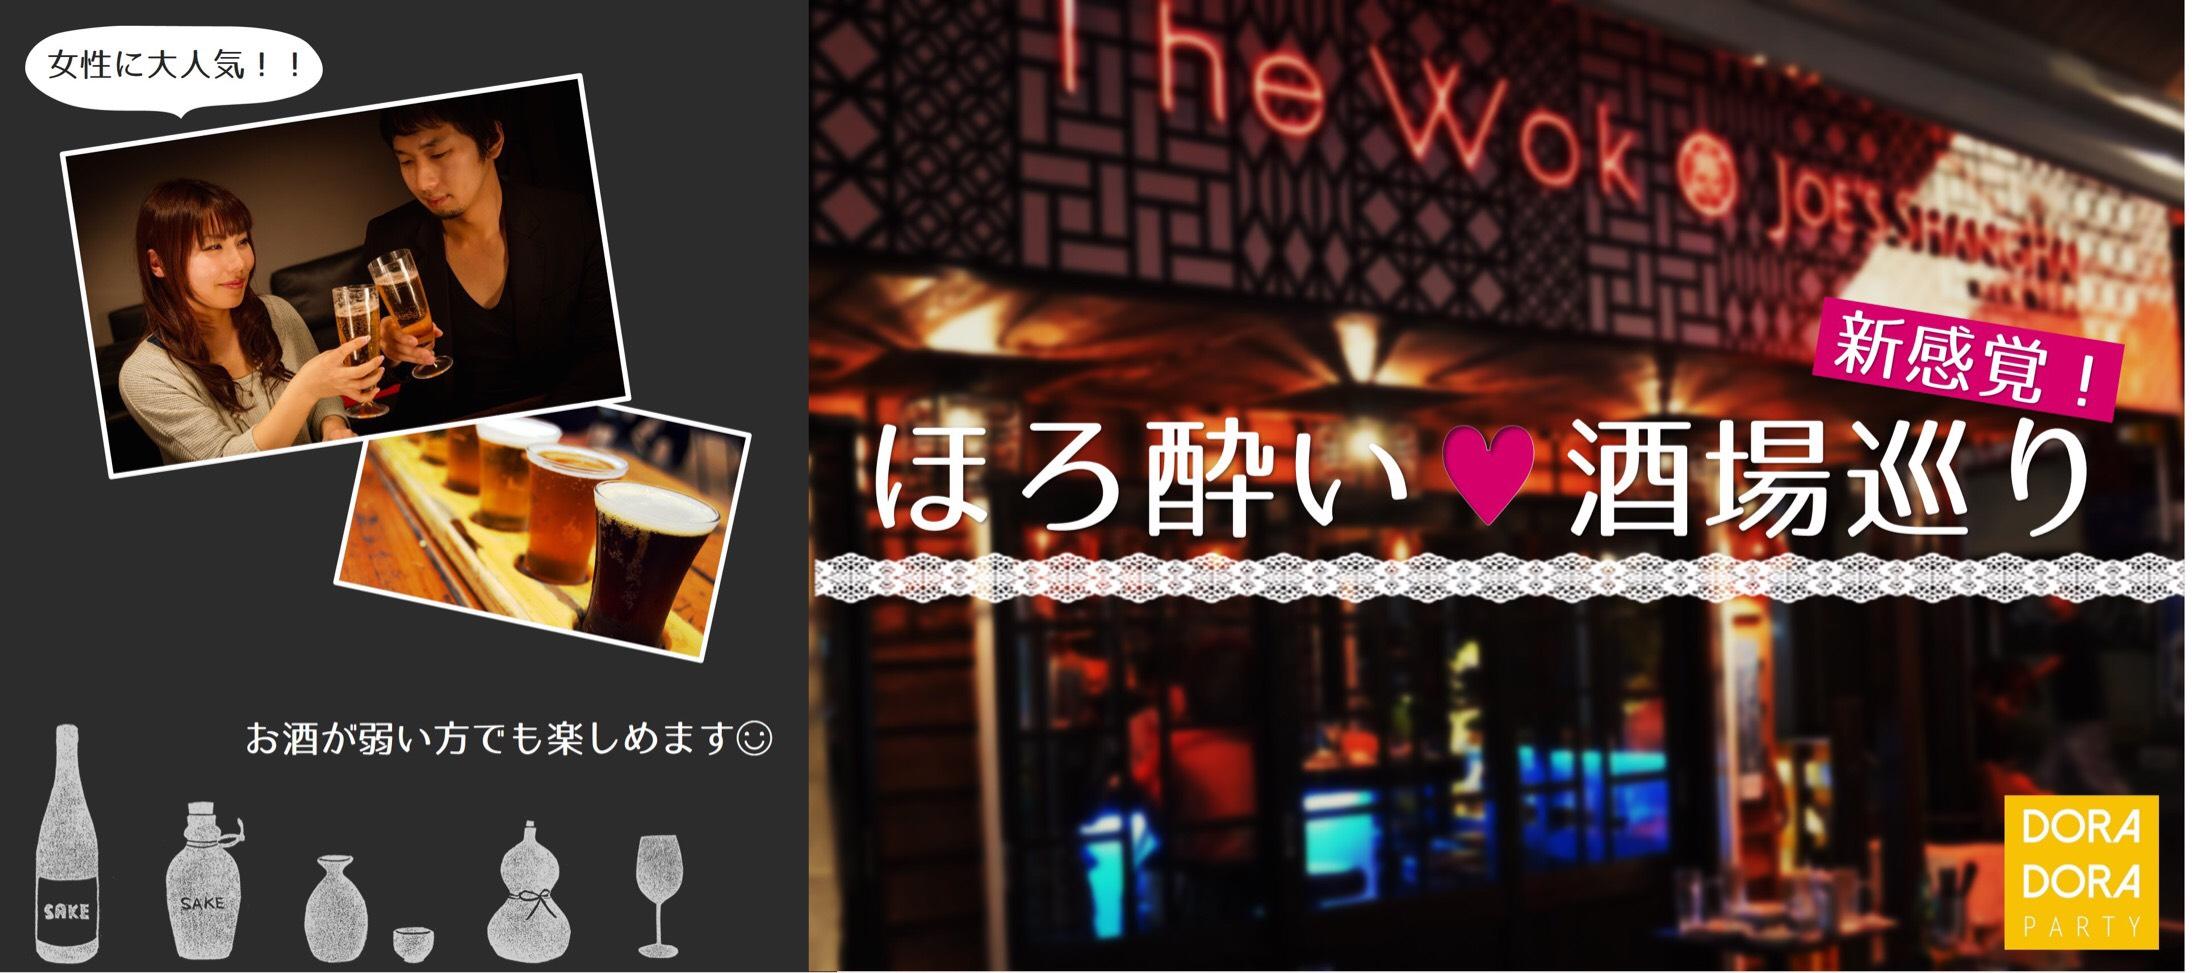 (開催中止になりました)3/25 大宮 20~34歳限定!遂にやってきました!!  新感覚!!大宮で「グルメ×出会い」を楽しめる女性に優しいほろ酔い酒場巡りコン☆